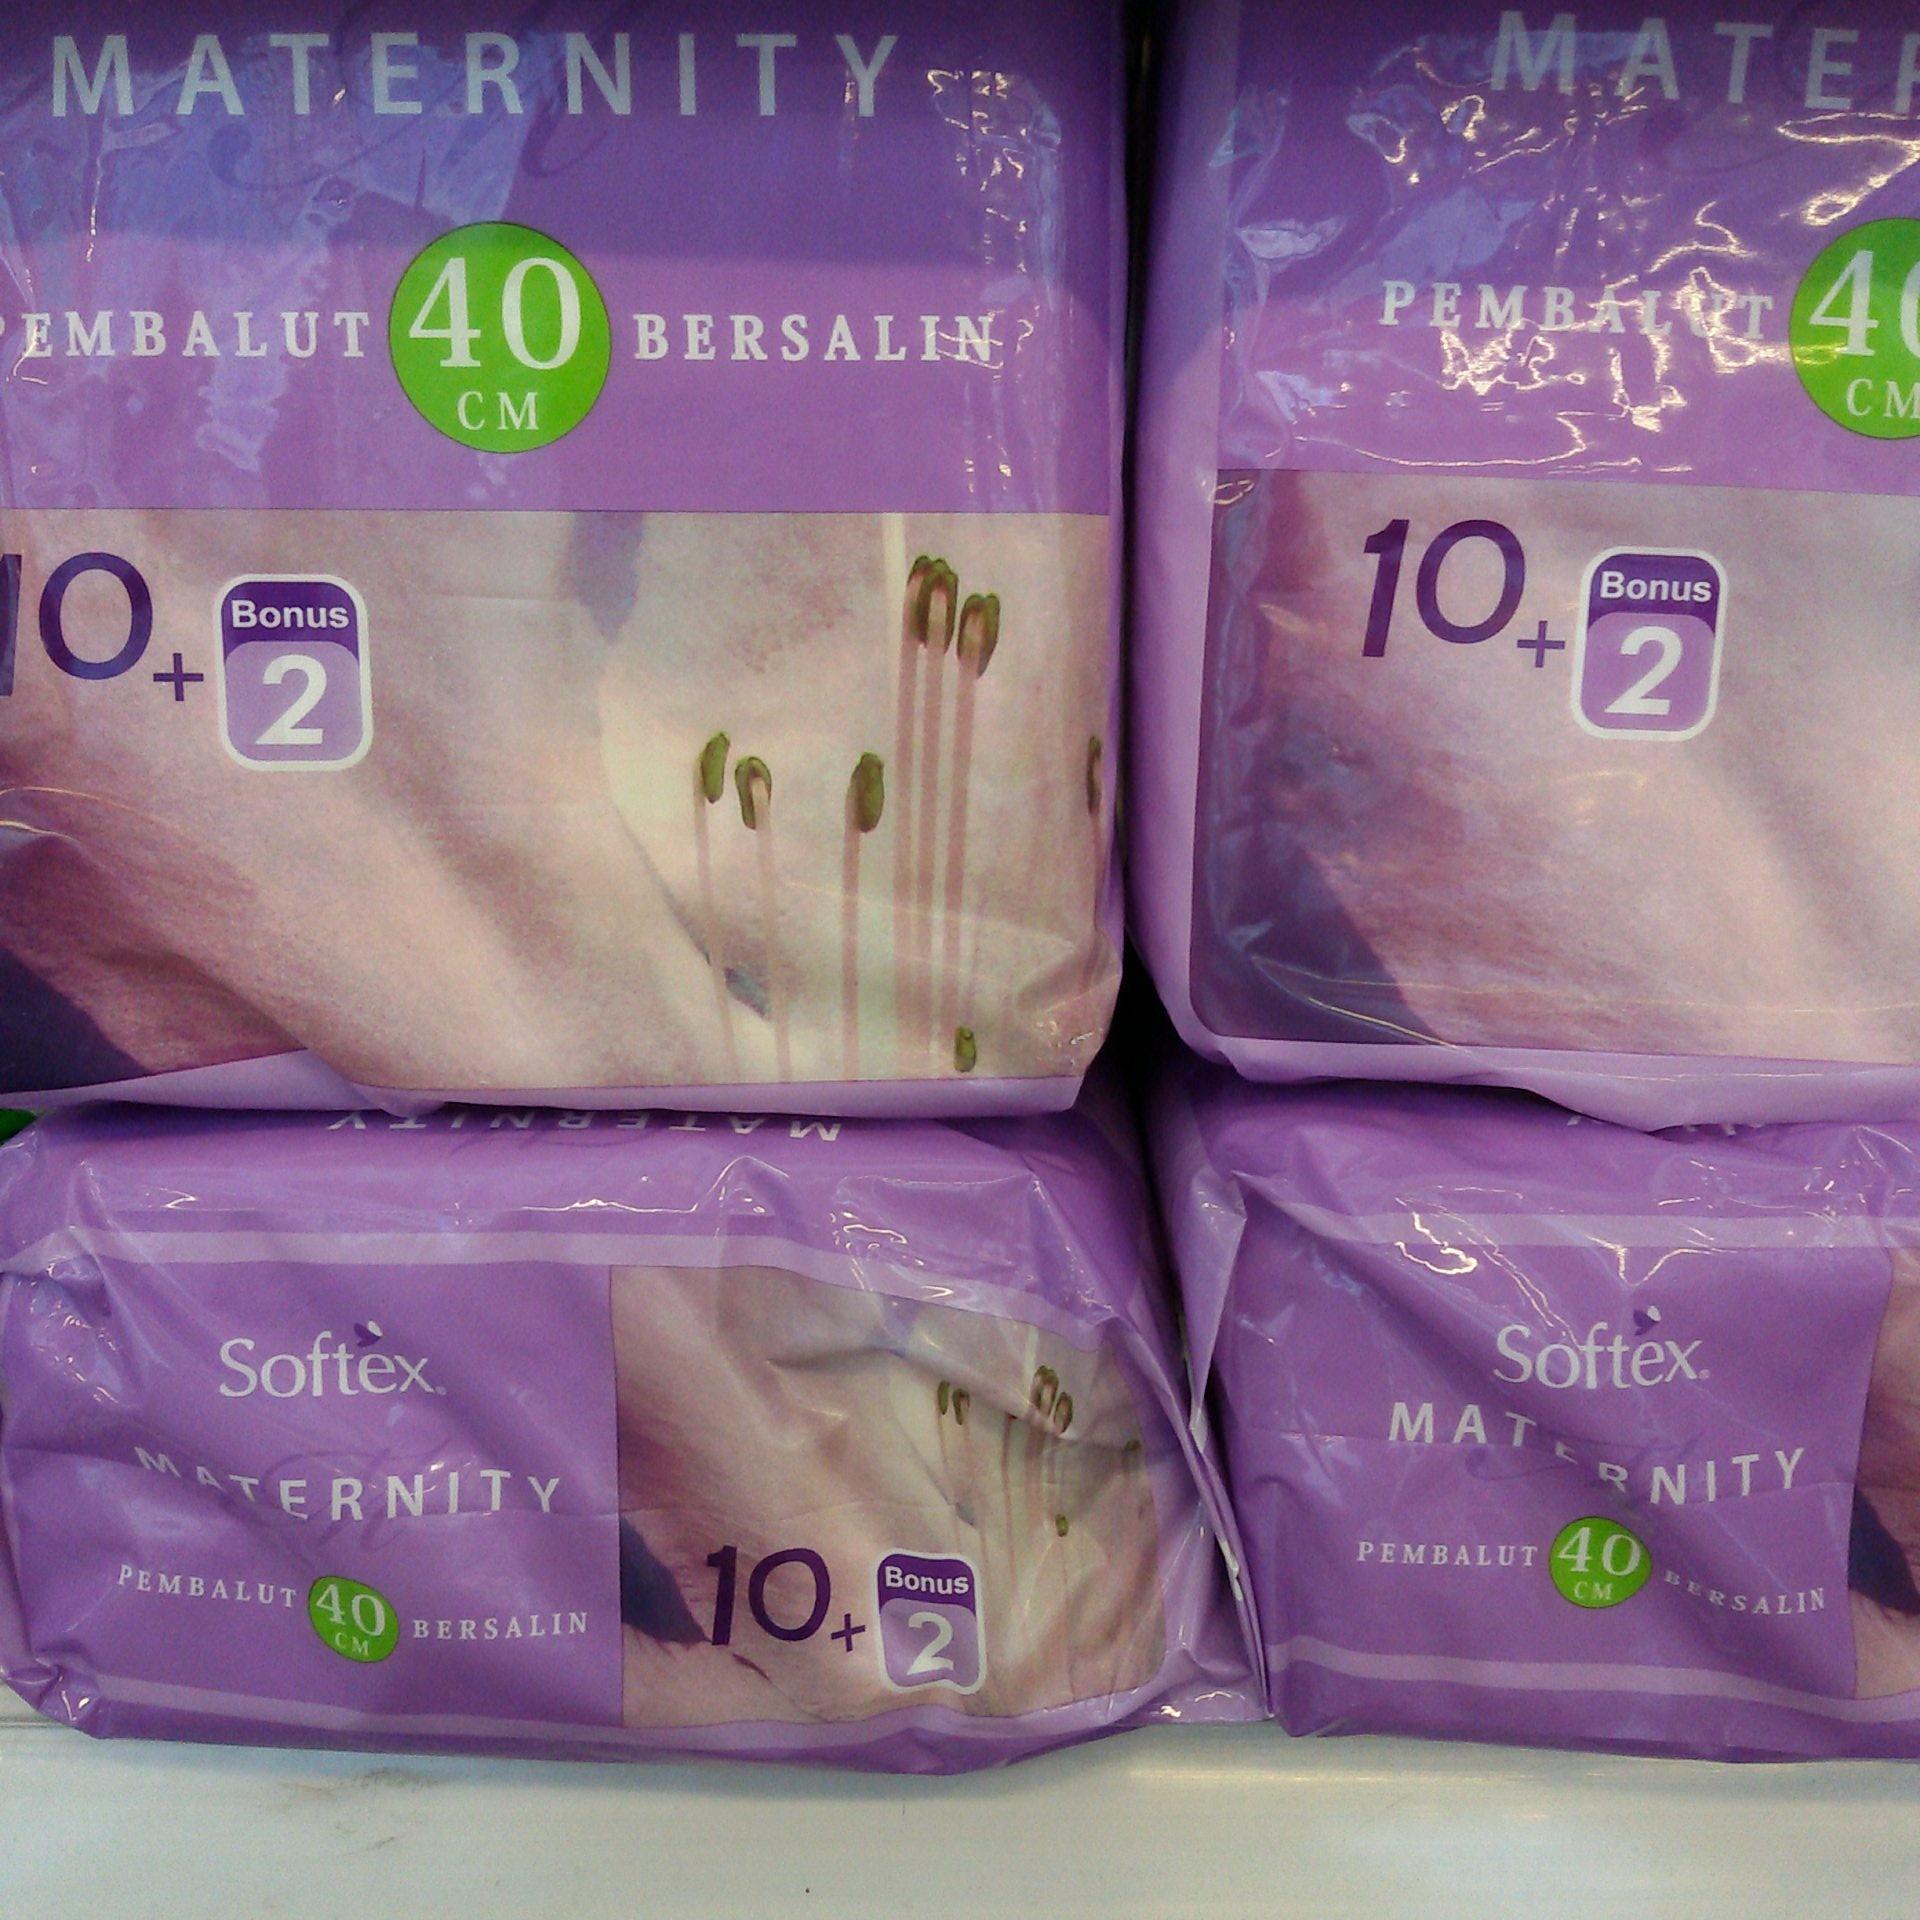 Dacco Pembalut Bersalin Nifas L 4 Pcs Page 2 Daftar Update Softex Maternity 45cm 20 Bonus Source 40cm Kesehatan Wanita